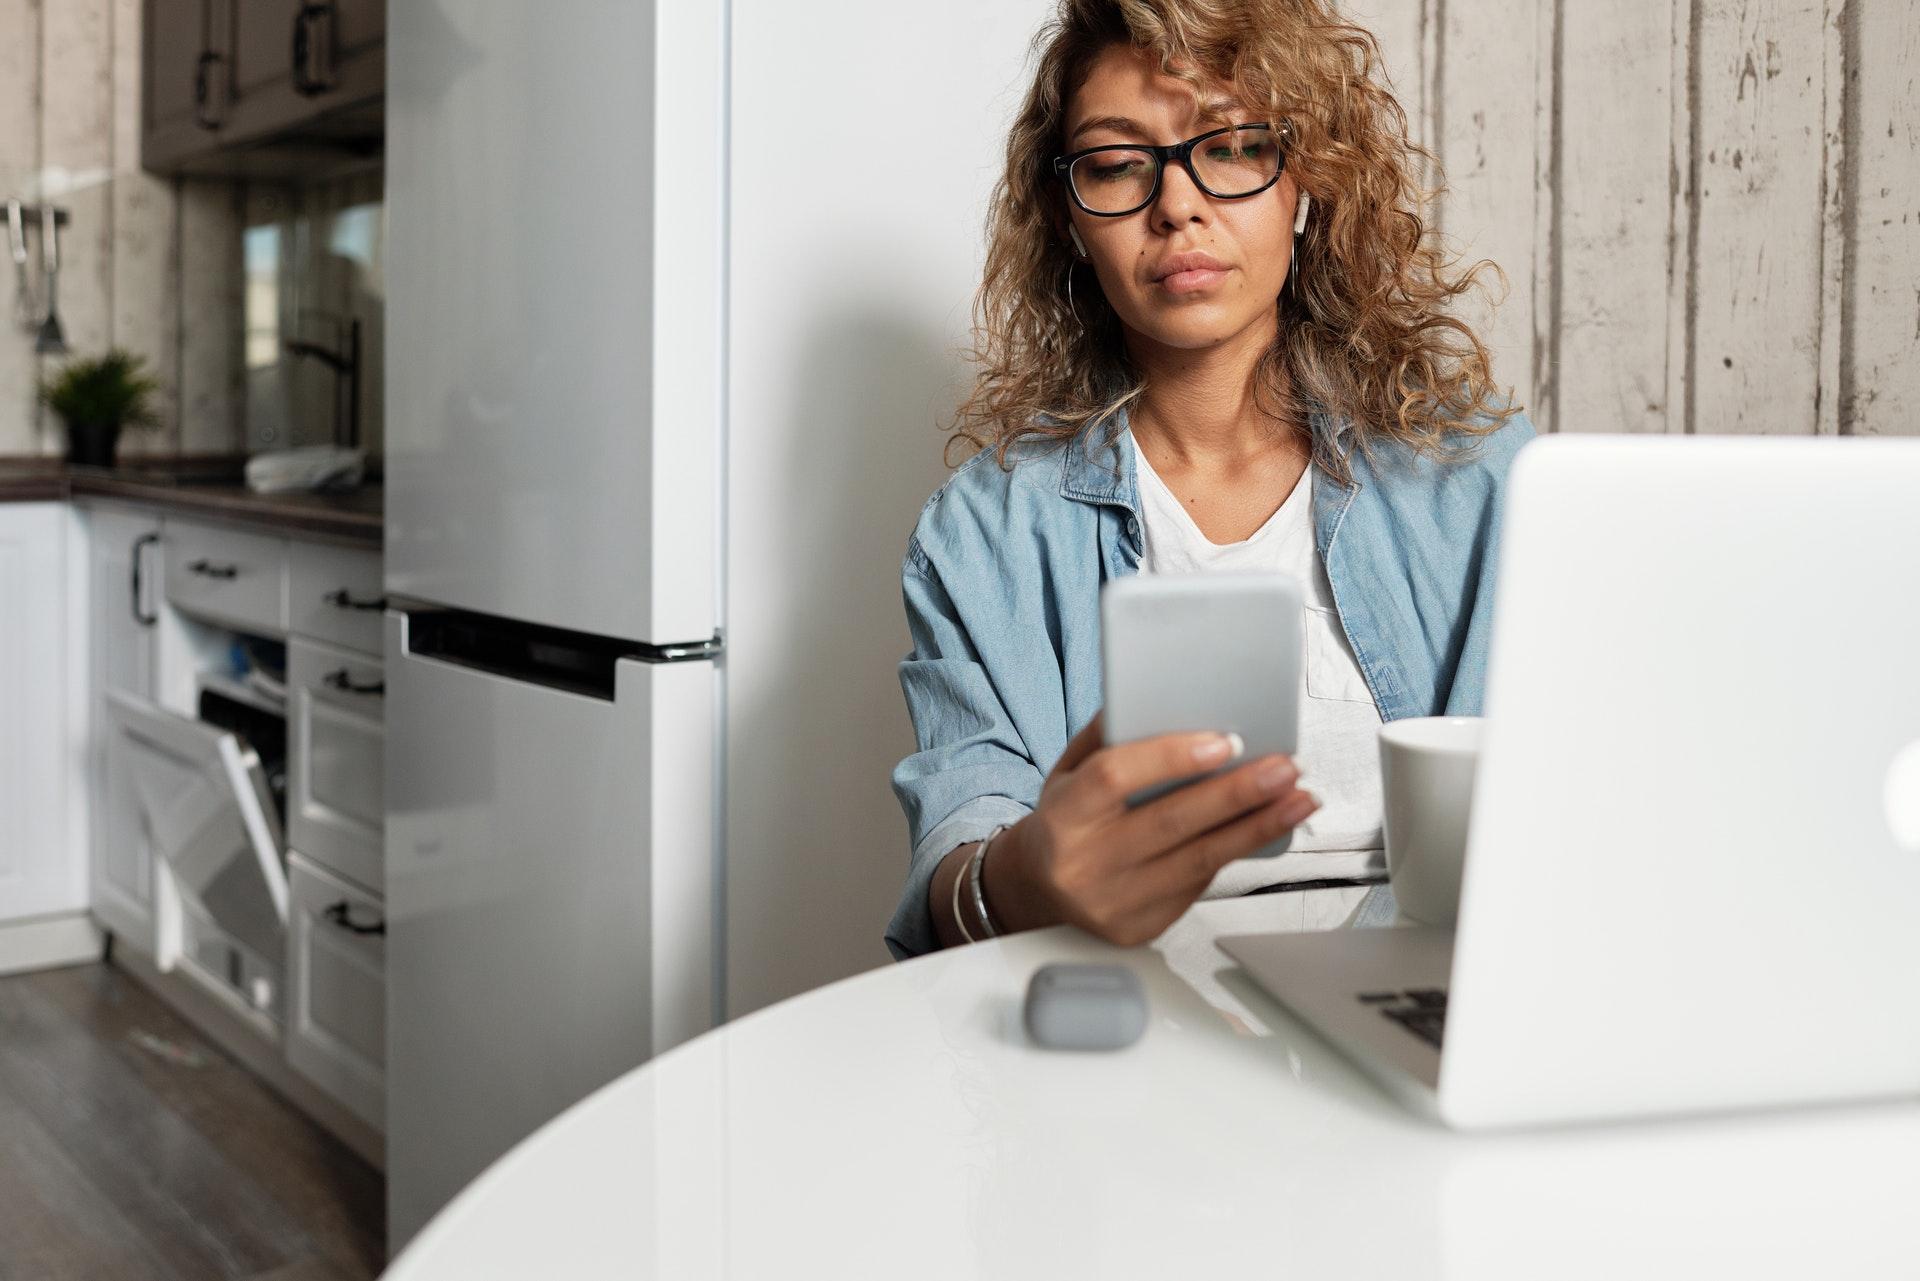 La domótica hace más fácil nuestra vida cotidiana gracias a los dispositivos inteligentes.